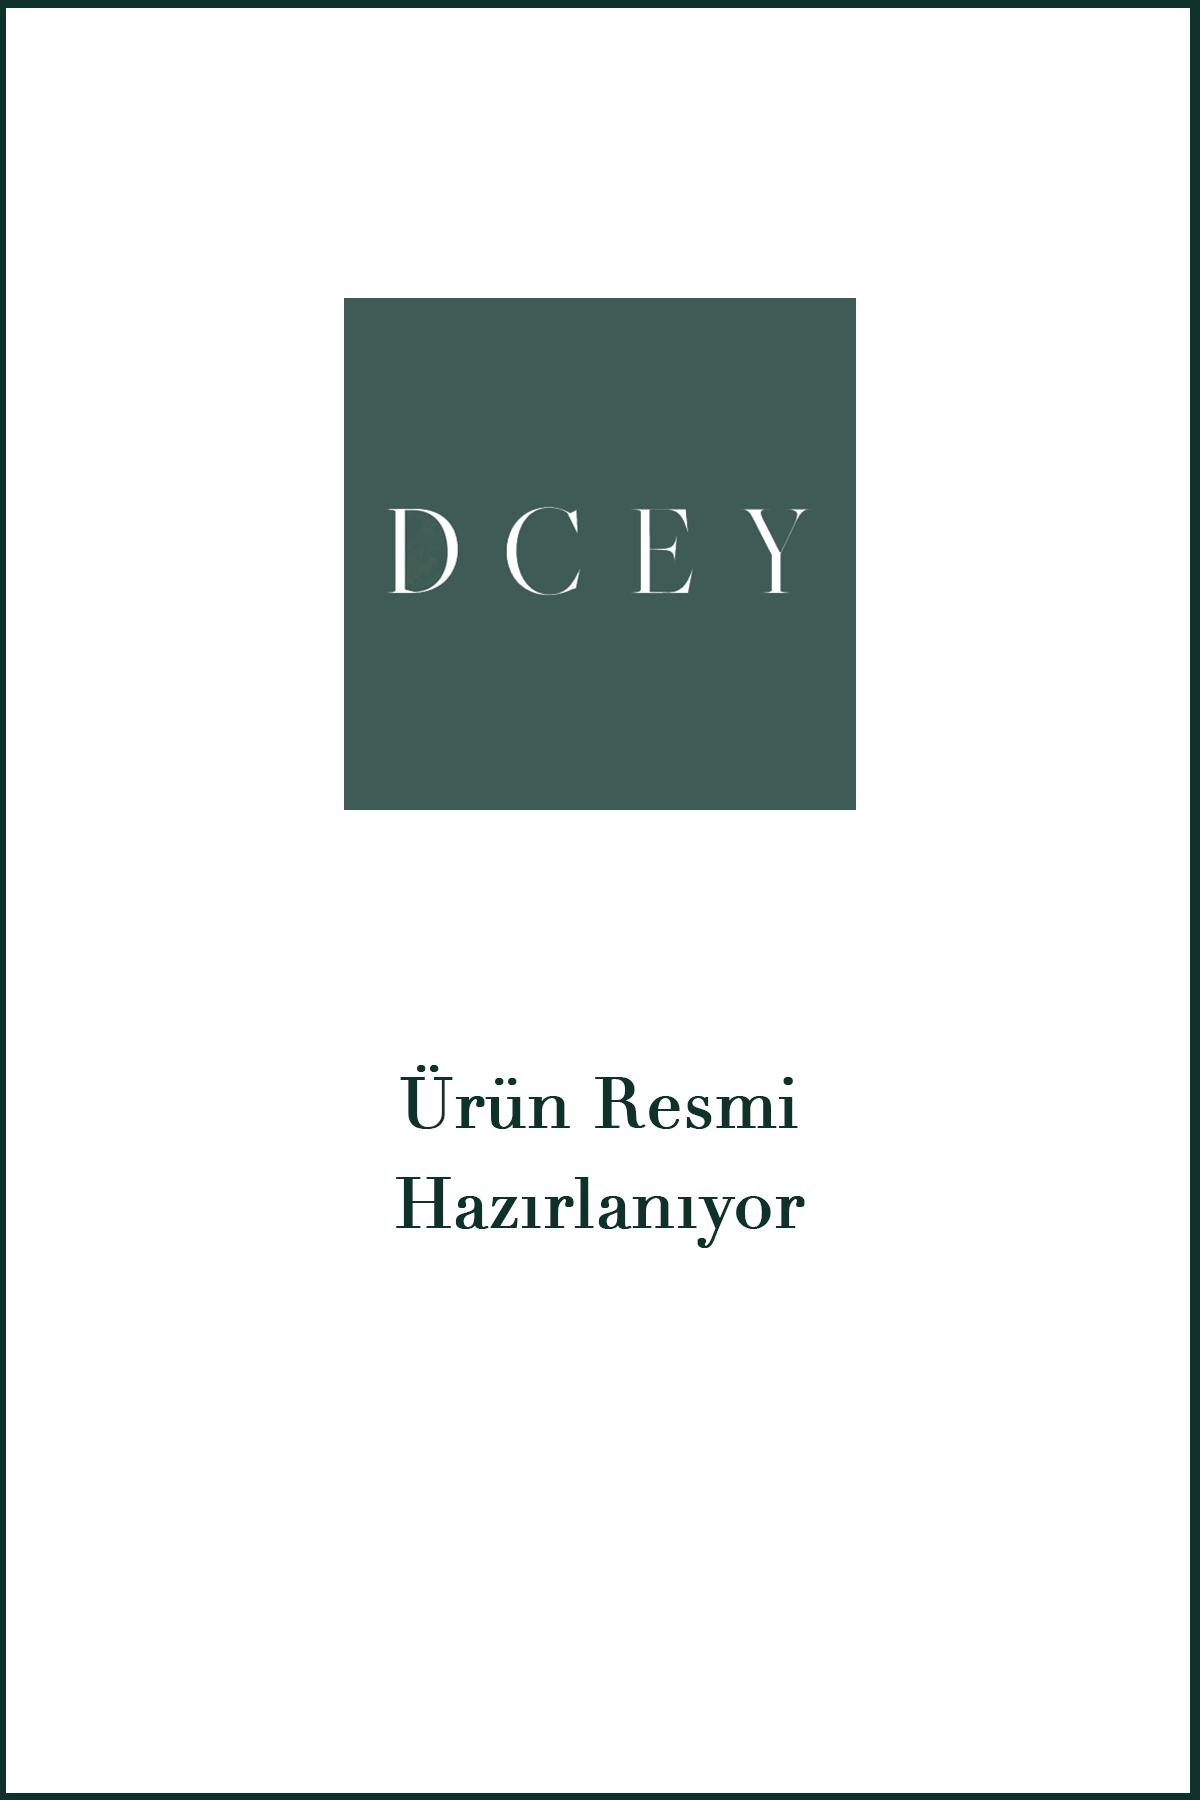 Aida Kimono